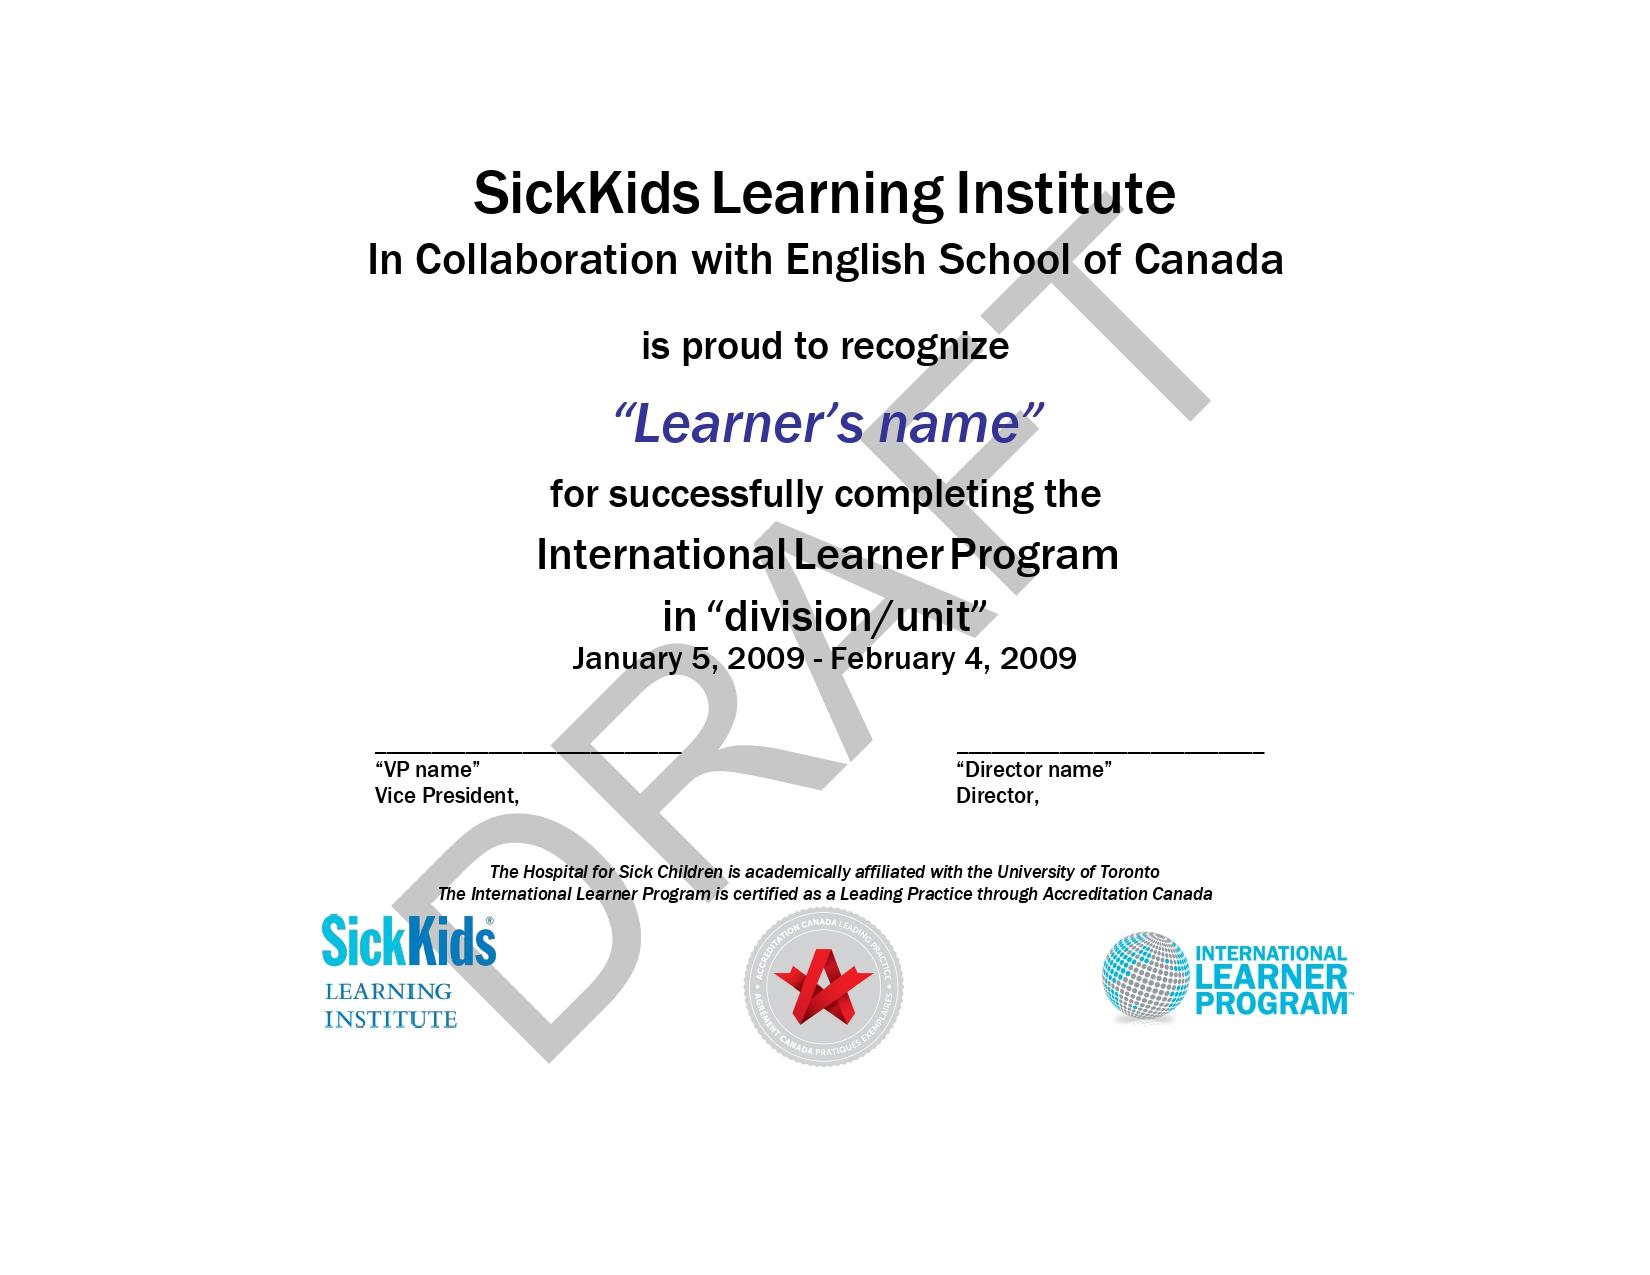 Certificado de visita ao SickKids